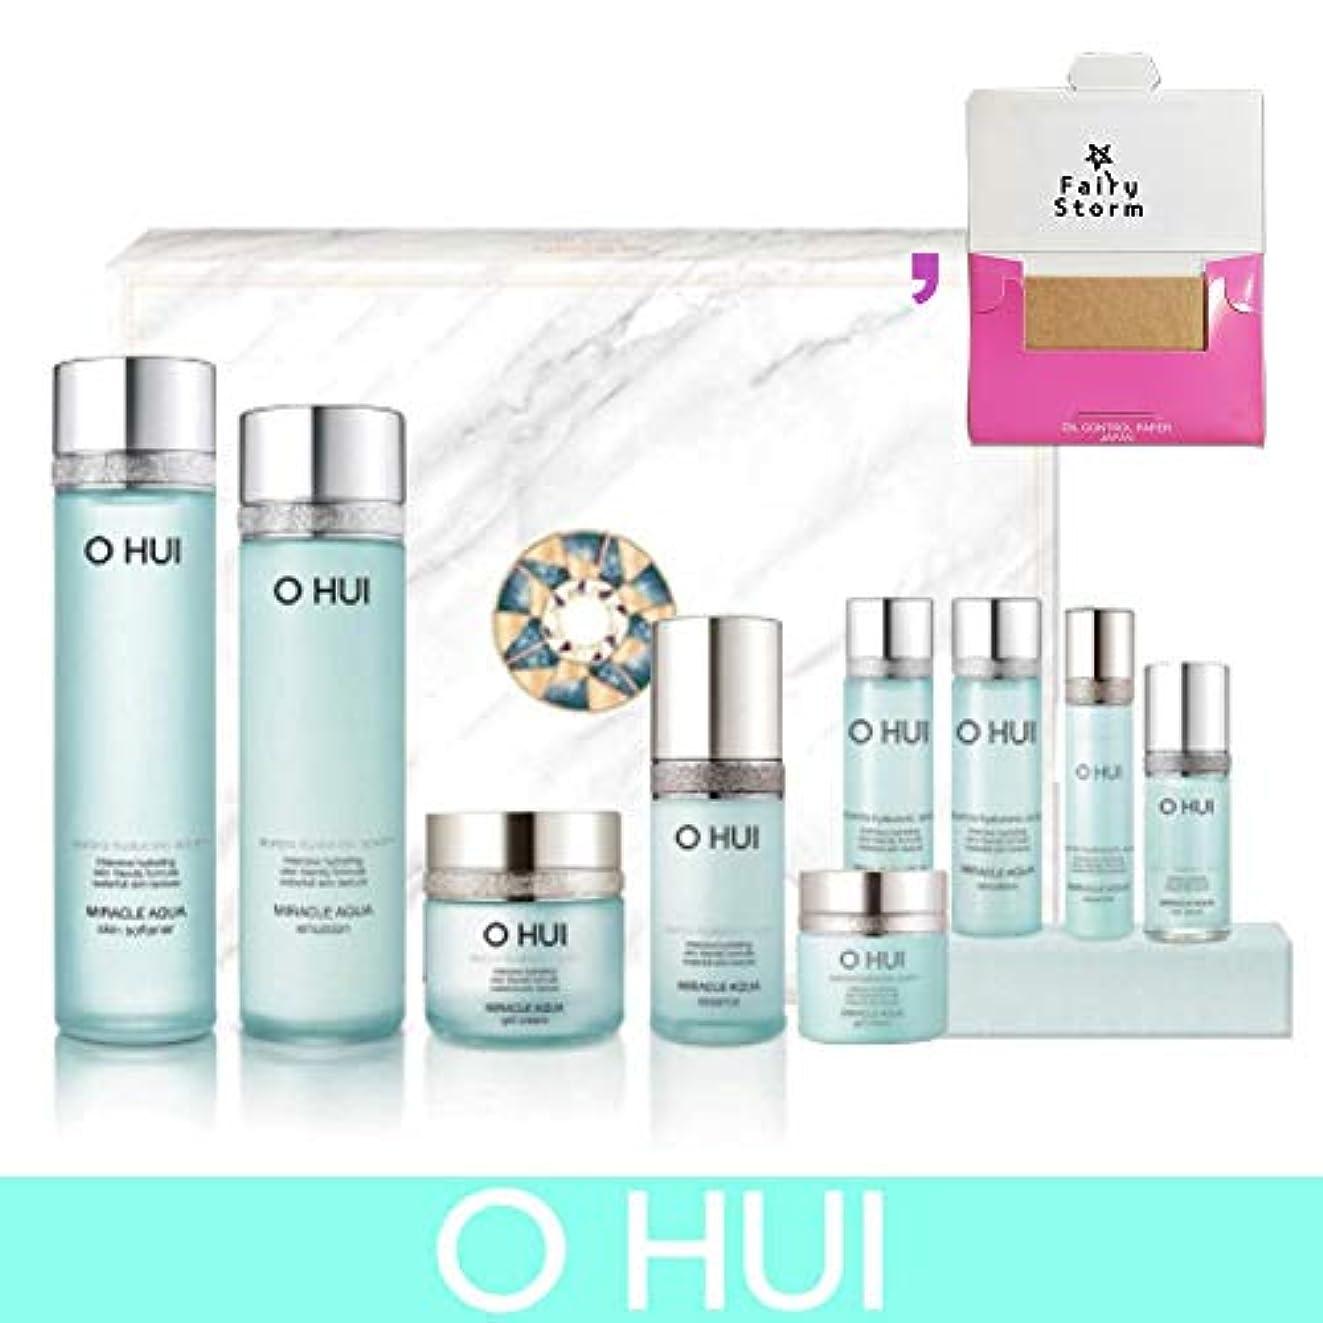 告白する一時停止海洋の[オフィ/O HUI]韓国化粧品 LG生活健康/O HUI MIRACLE AQUA SPECIAL 4EA SET/ミラクル アクア 4種セット + [Sample Gift](海外直送品)